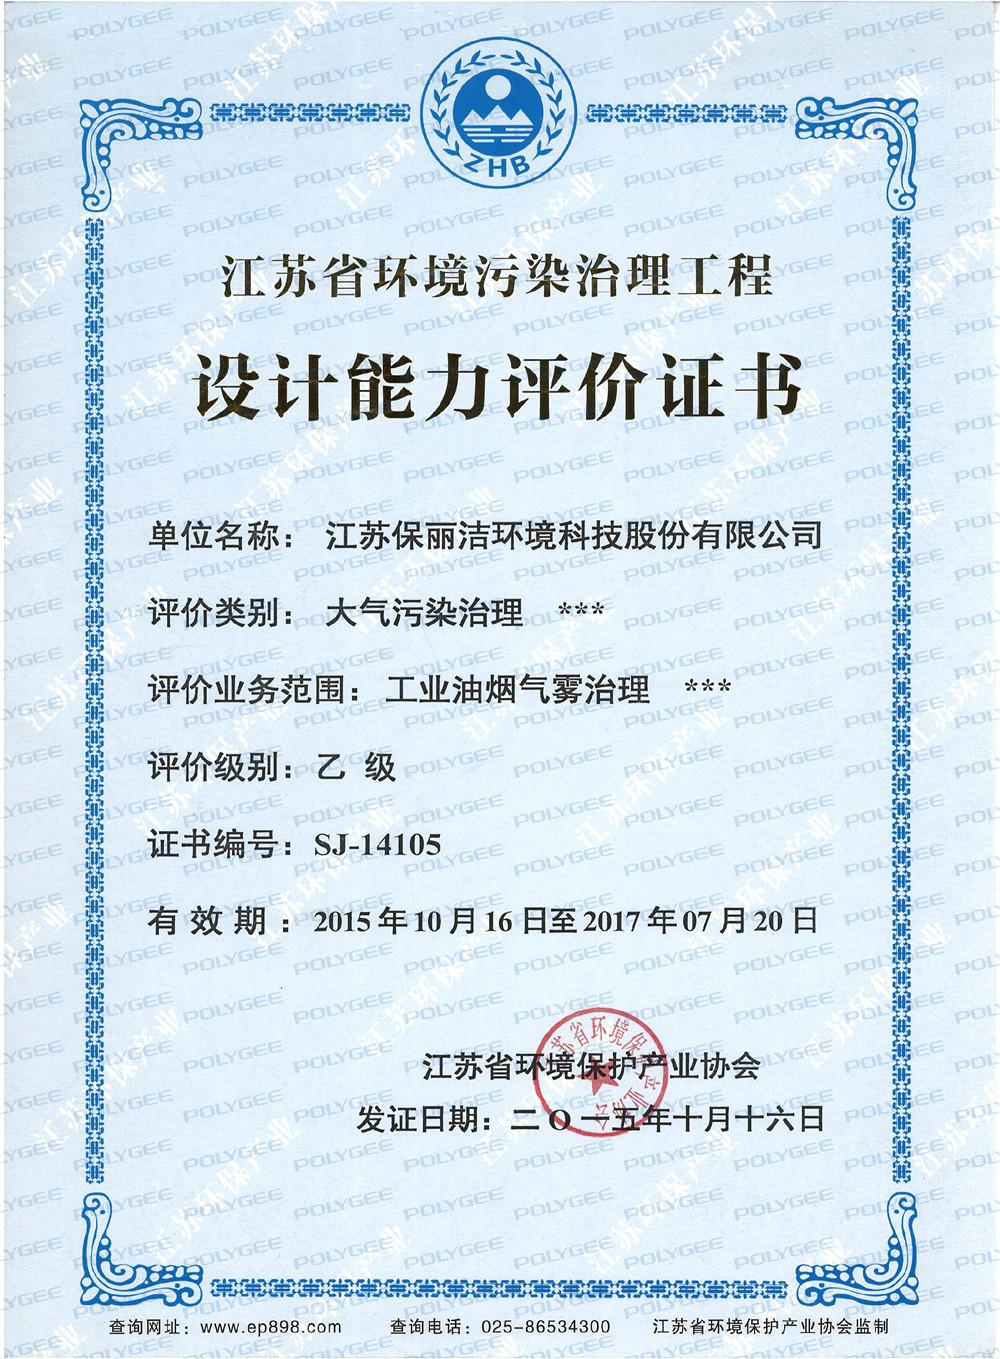 江苏省环境污染治理工程设计能力评价证书-乙级